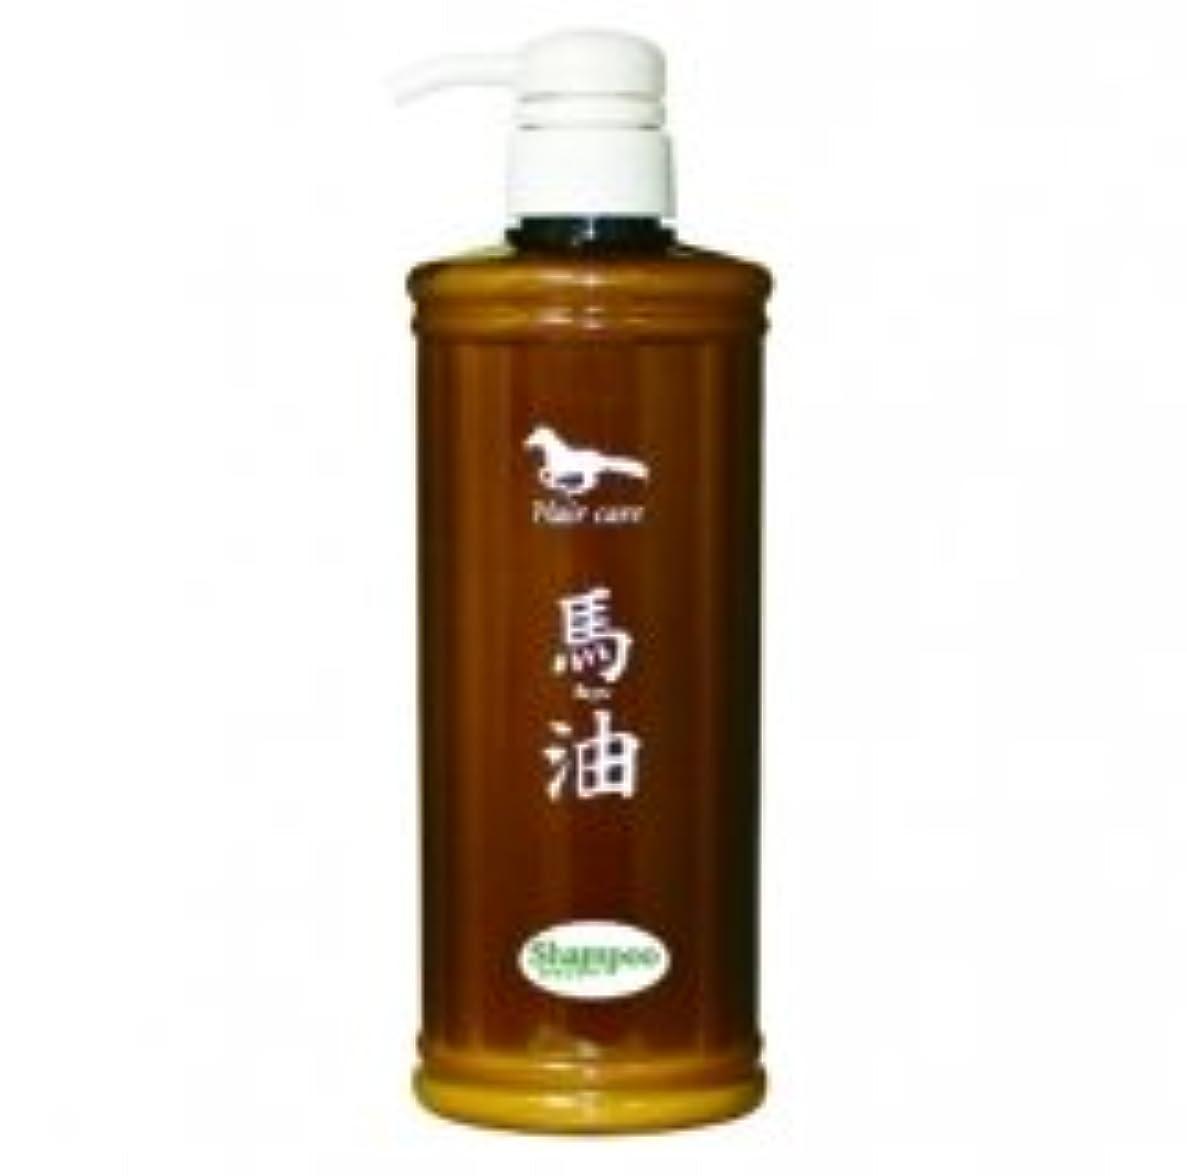 協力するバターケージりりか AKシャンプー 馬油シャンプー 馬油が髪を保護、しっとりうるおう仕上がり 無添加 日本製